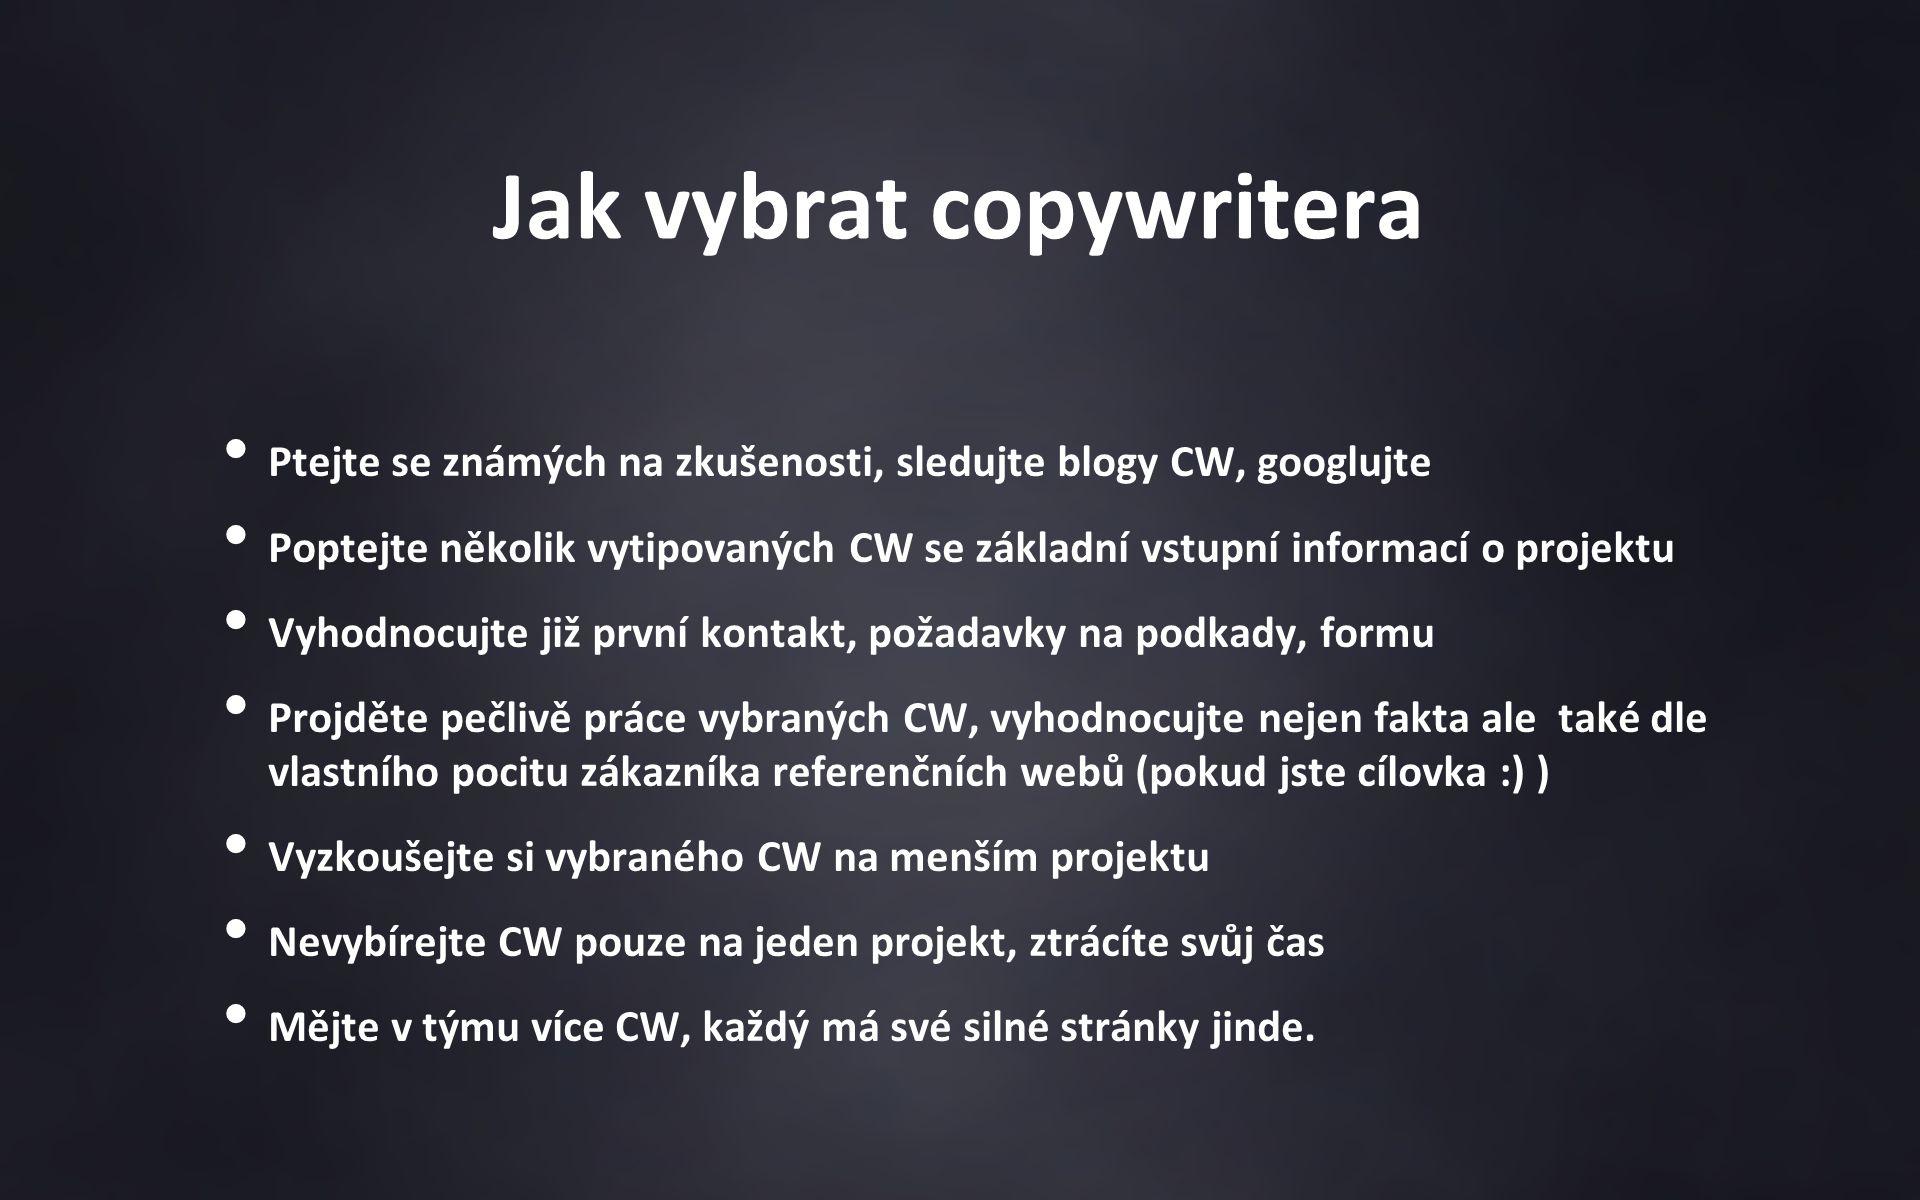 Jak vybrat copywritera Ptejte se známých na zkušenosti, sledujte blogy CW, googlujte Poptejte několik vytipovaných CW se základní vstupní informací o projektu Vyhodnocujte již první kontakt, požadavky na podkady, formu Projděte pečlivě práce vybraných CW, vyhodnocujte nejen fakta ale také dle vlastního pocitu zákazníka referenčních webů (pokud jste cílovka :) ) Vyzkoušejte si vybraného CW na menším projektu Nevybírejte CW pouze na jeden projekt, ztrácíte svůj čas Mějte v týmu více CW, každý má své silné stránky jinde.